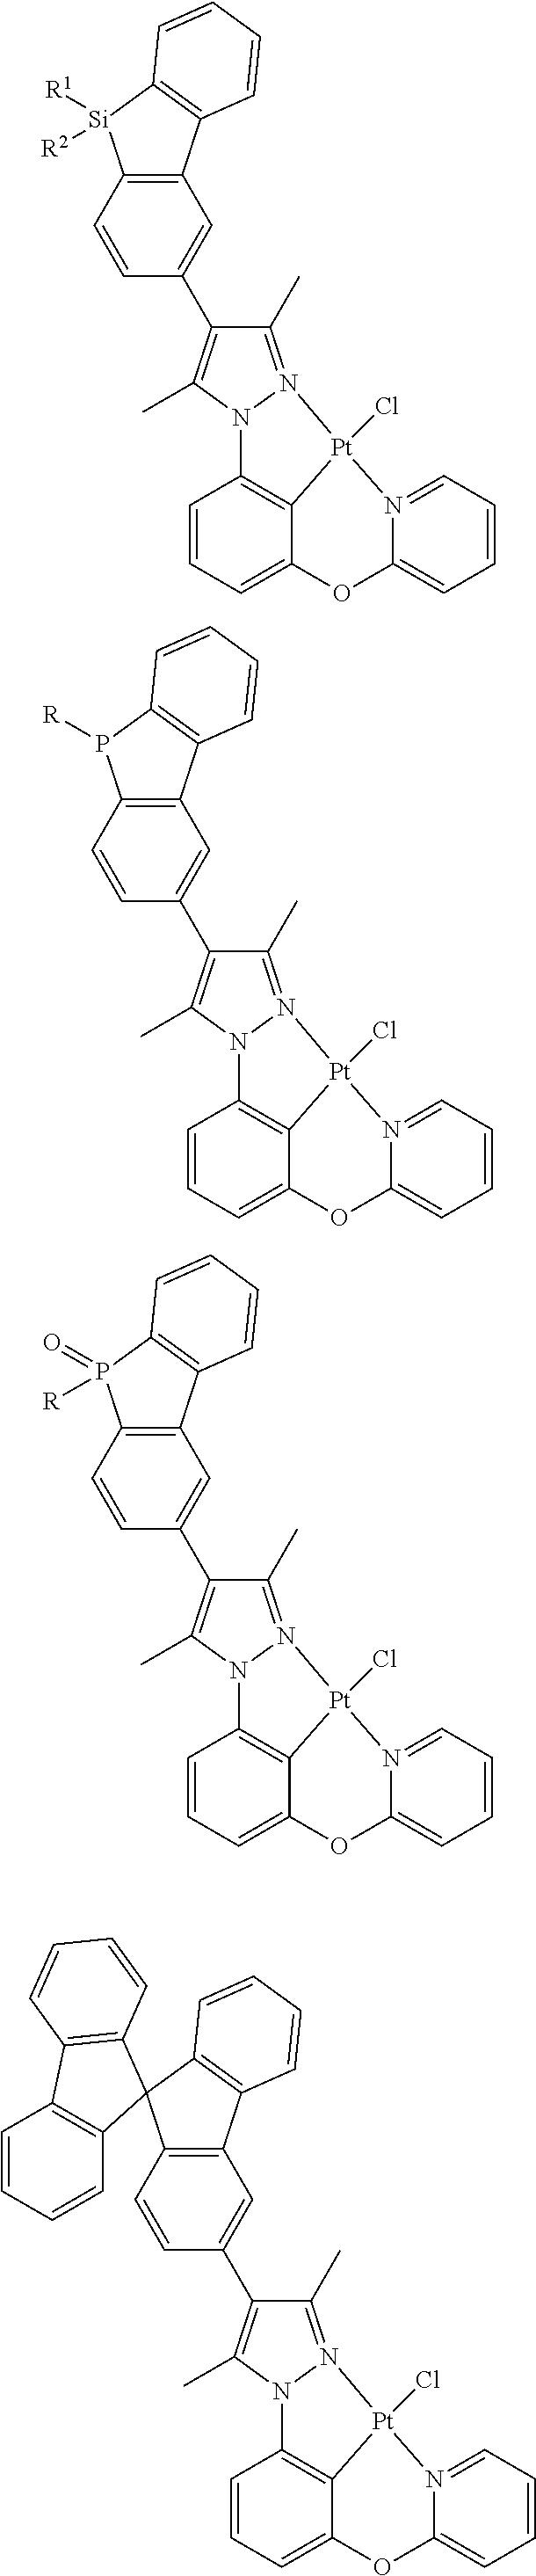 Figure US09818959-20171114-C00511